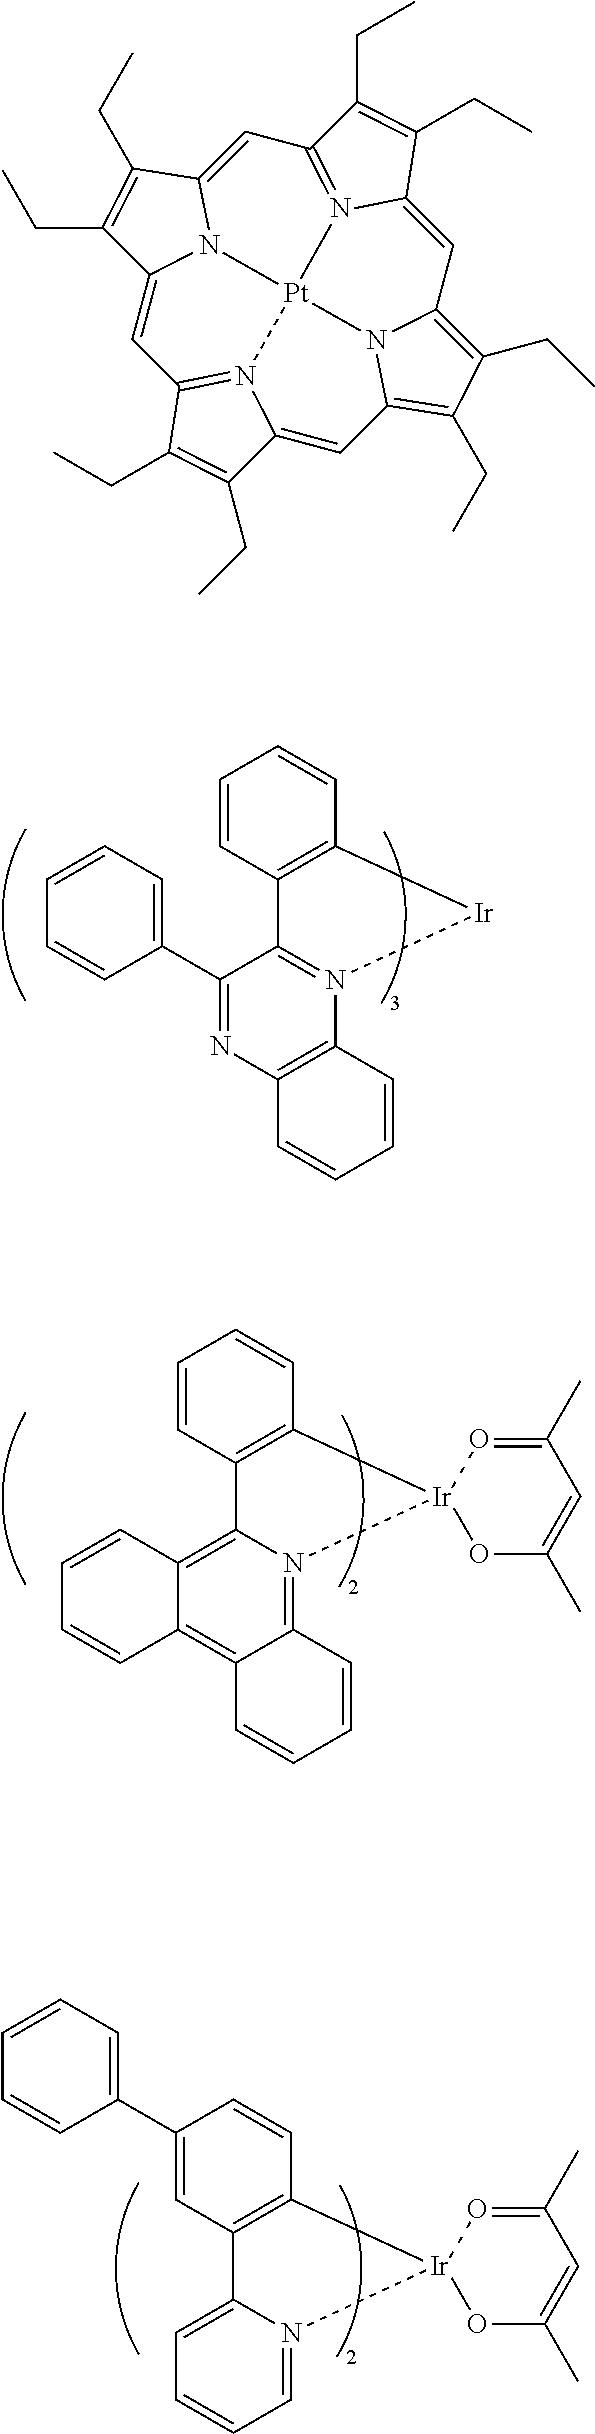 Figure US09837615-20171205-C00089